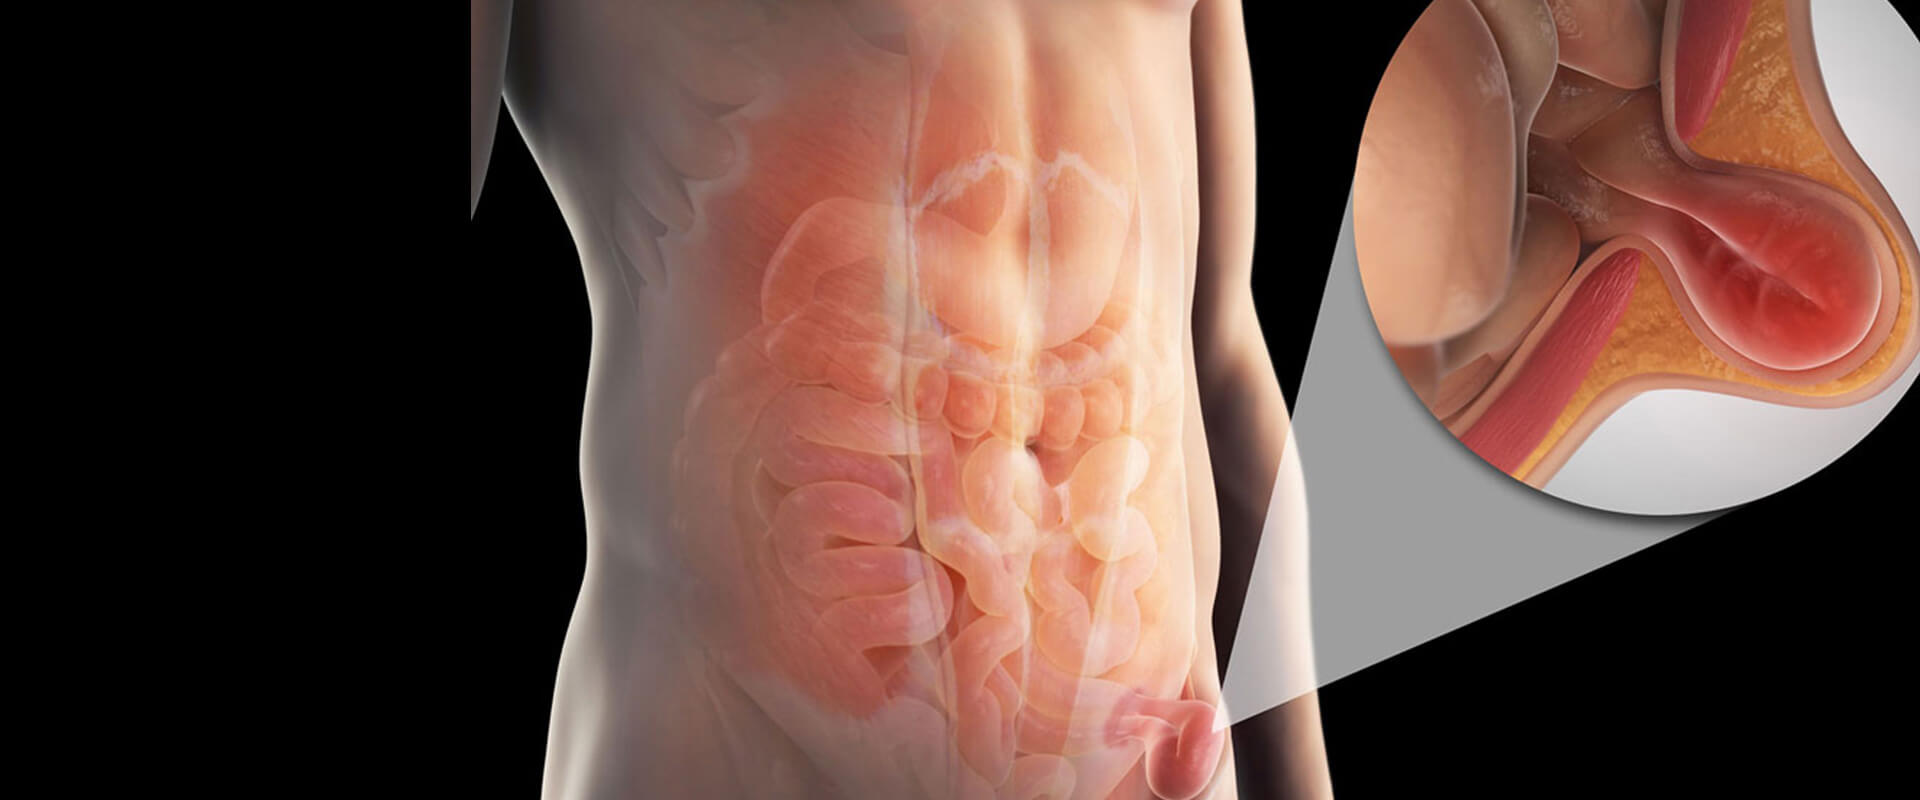 Hérnias de parede abdominal - Dr. Valter Alvarenga